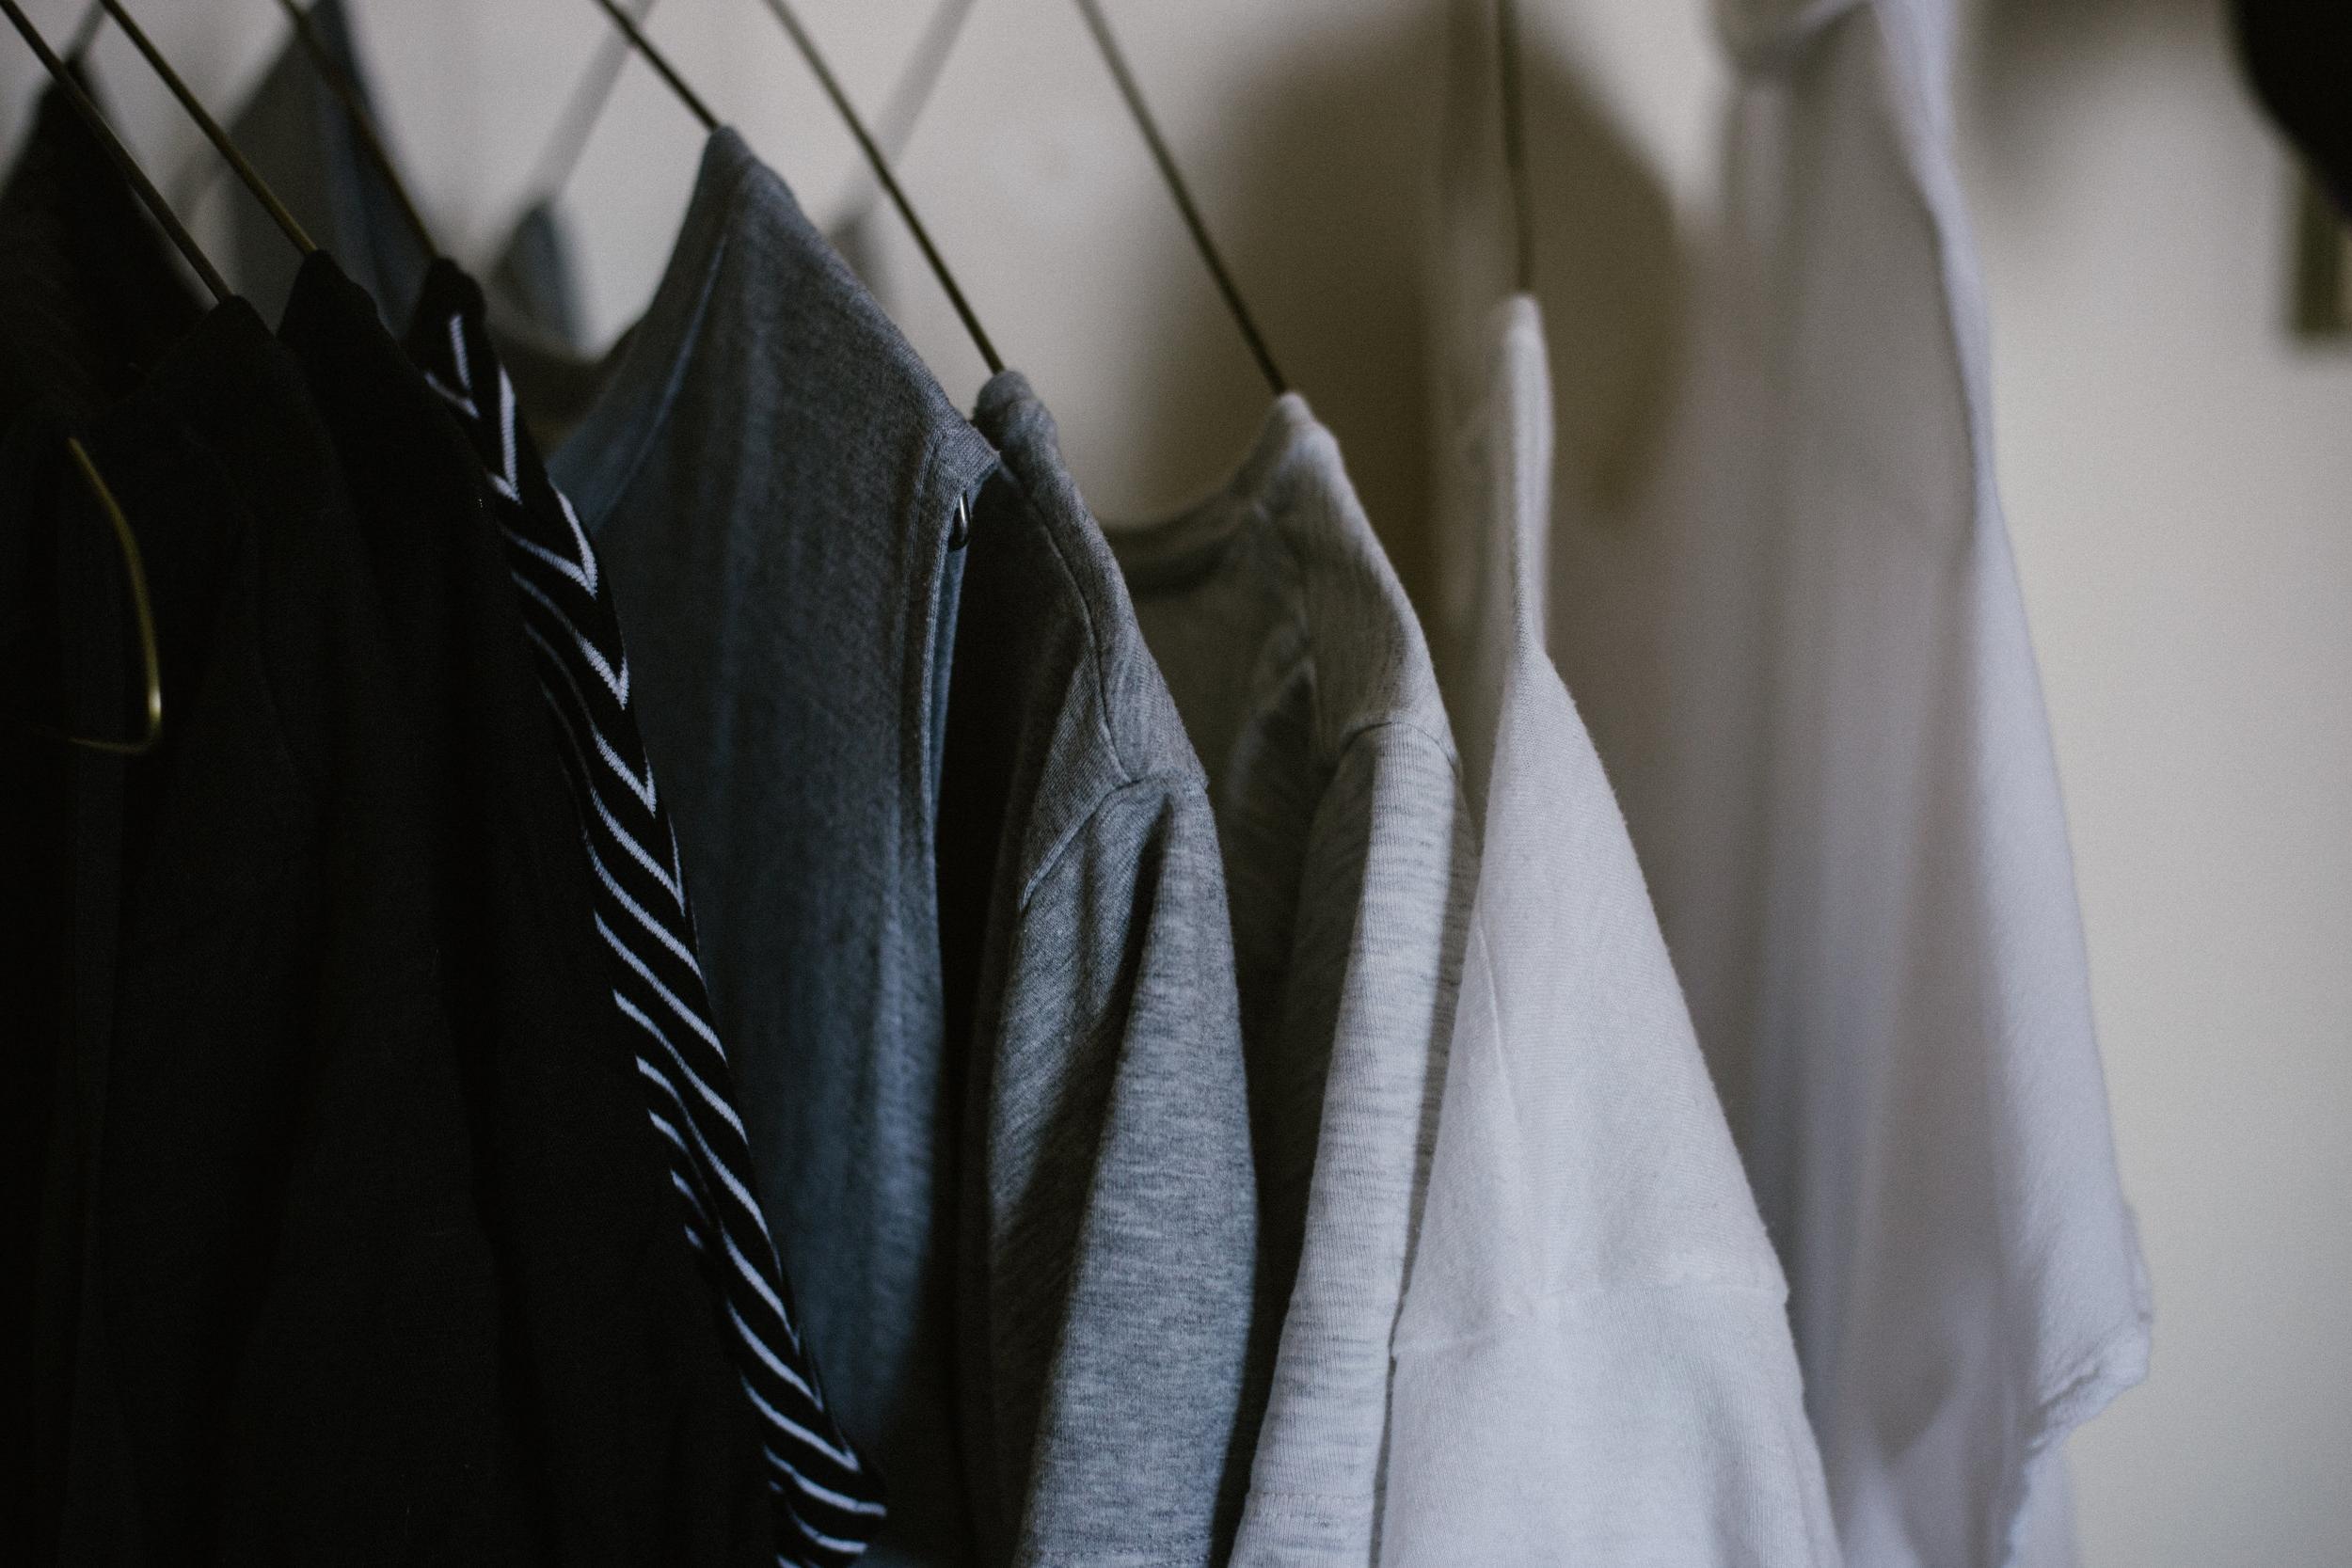 toda tu ropa fotografíada y digitalizada de manera profesional. - Revisa tu armario en 5 minutos como si de una tienda de ropa se tratara.